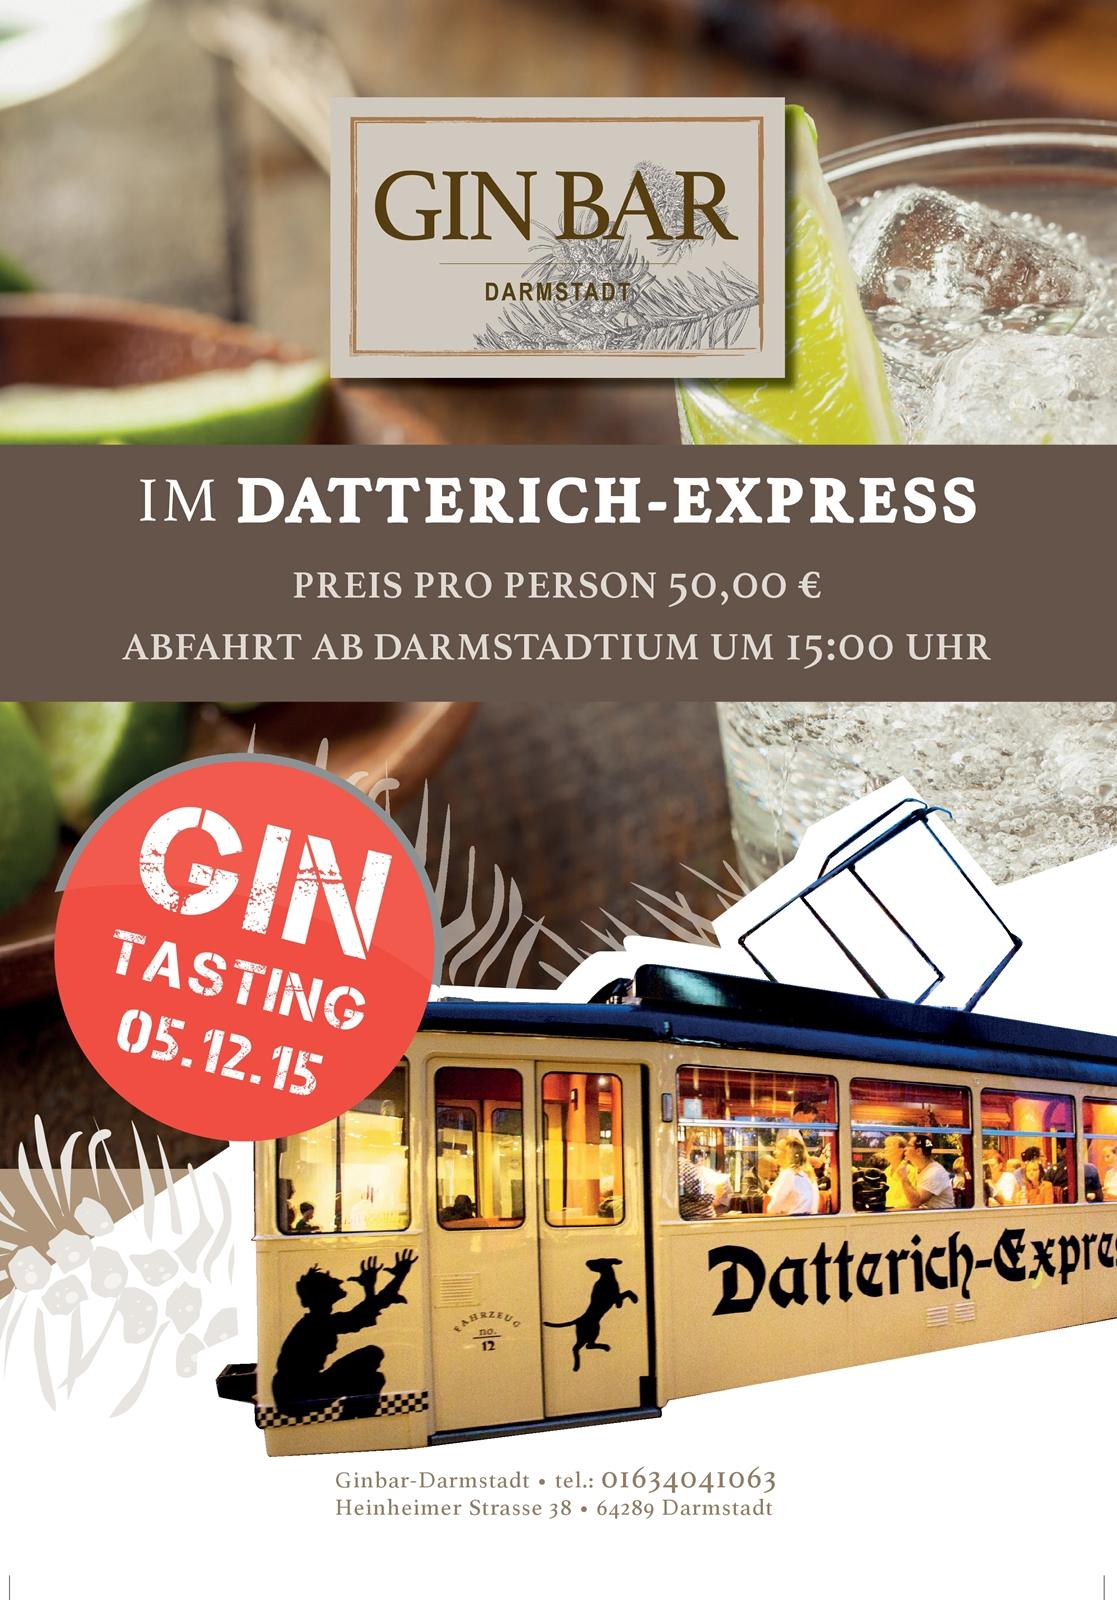 Plakat-Datterich-Express